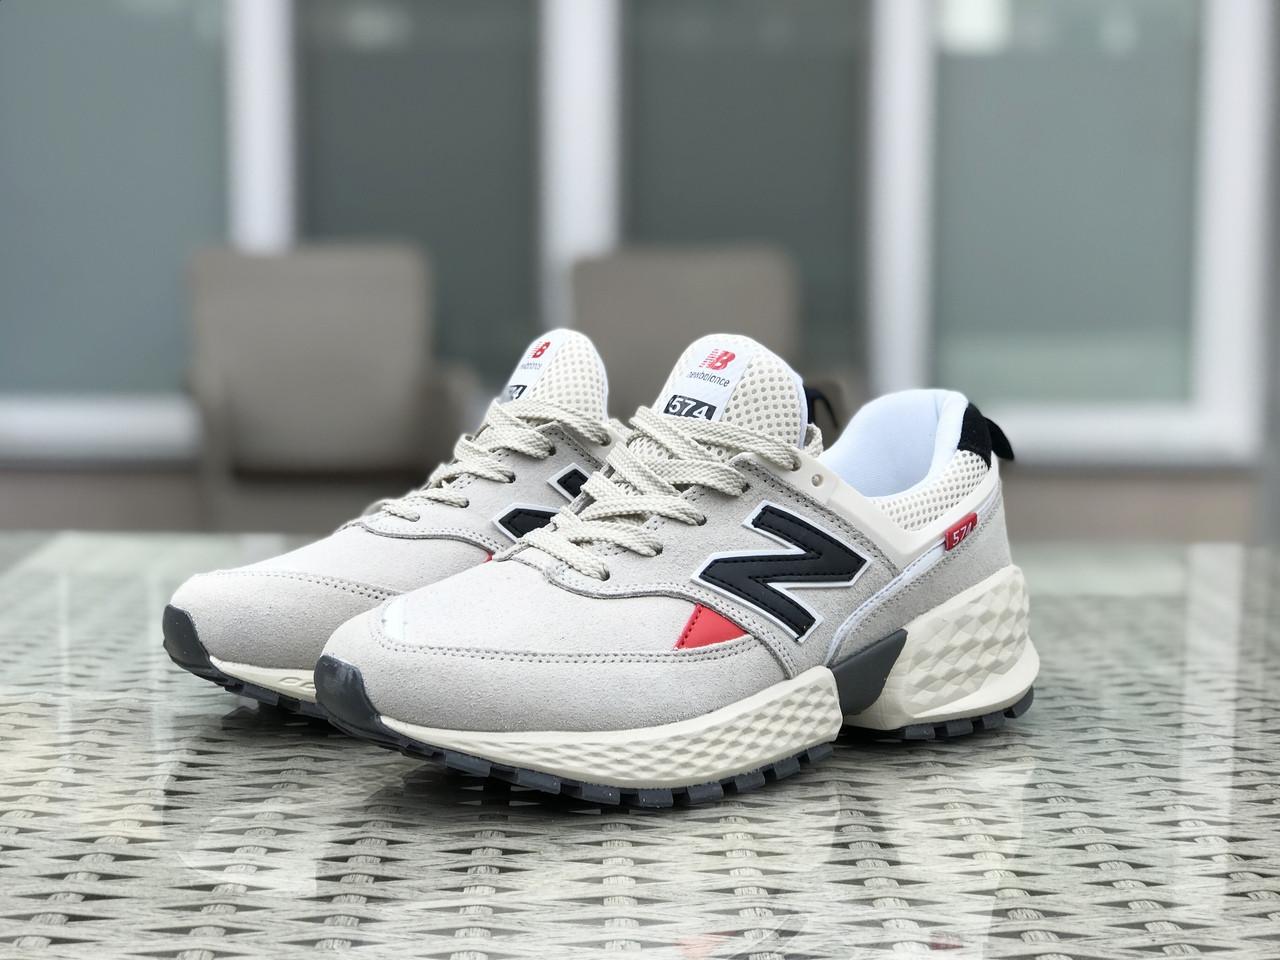 Мужские кроссовки (в стиле) New Balance 574 замшевые,бежевые